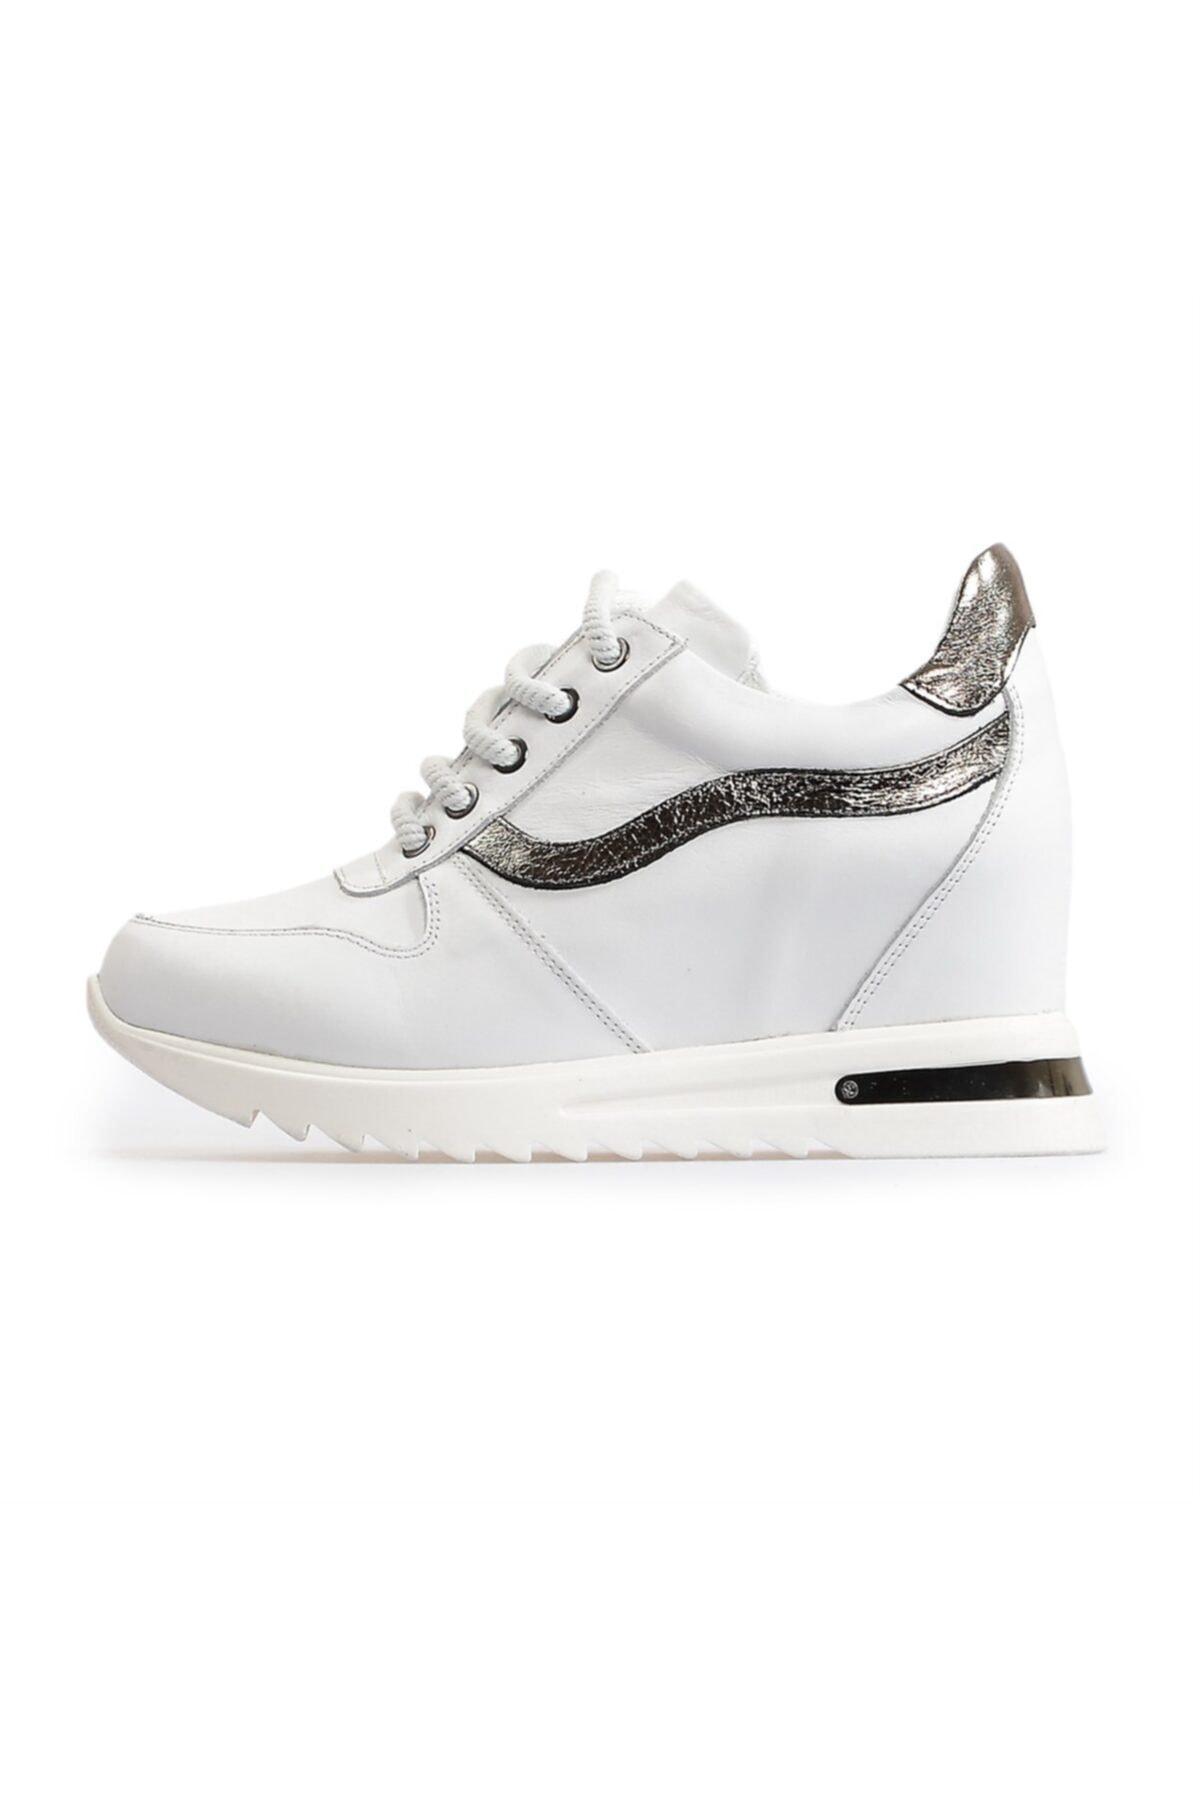 Flower Beyaz Dolgu Topuklu Spor Ayakkabı 1